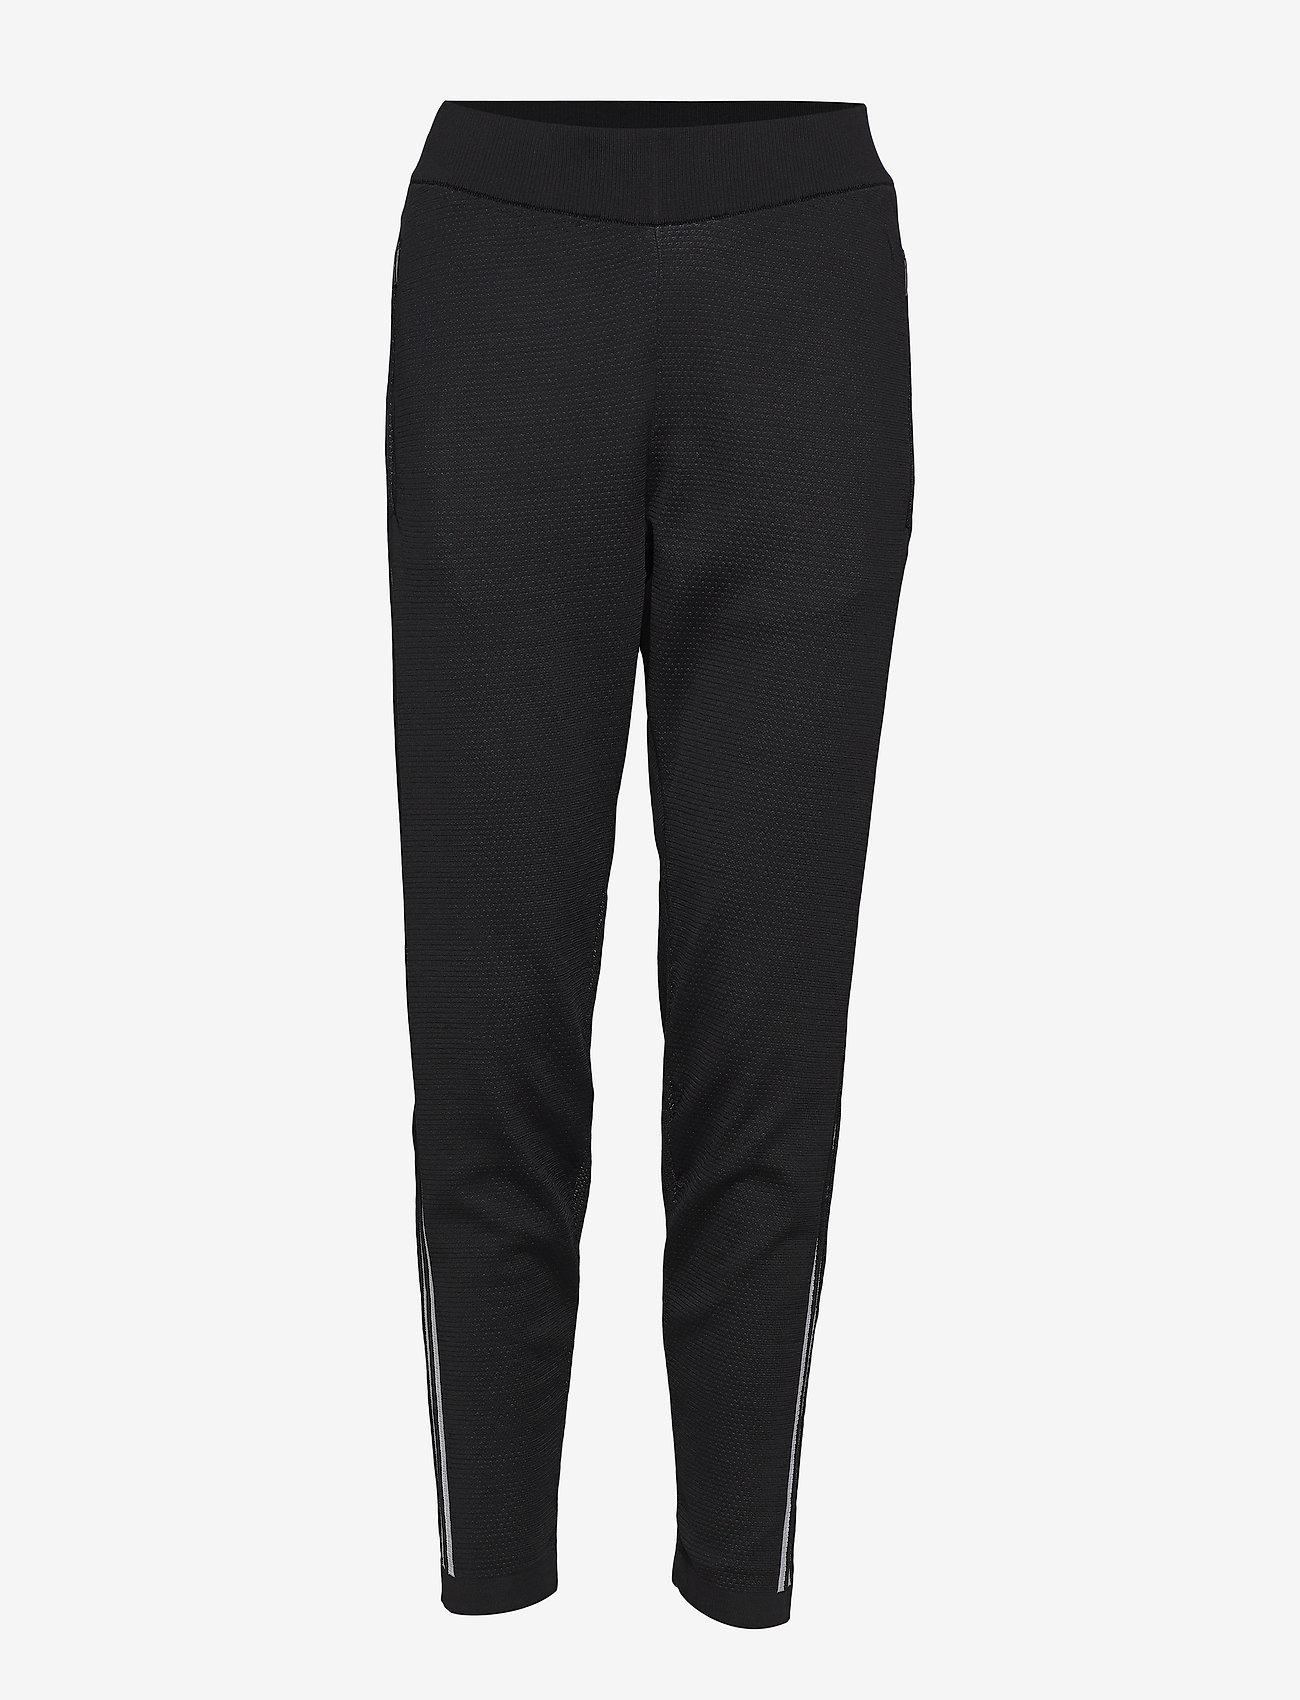 adidas Performance - W Id Kn Stk Pt - pants - black